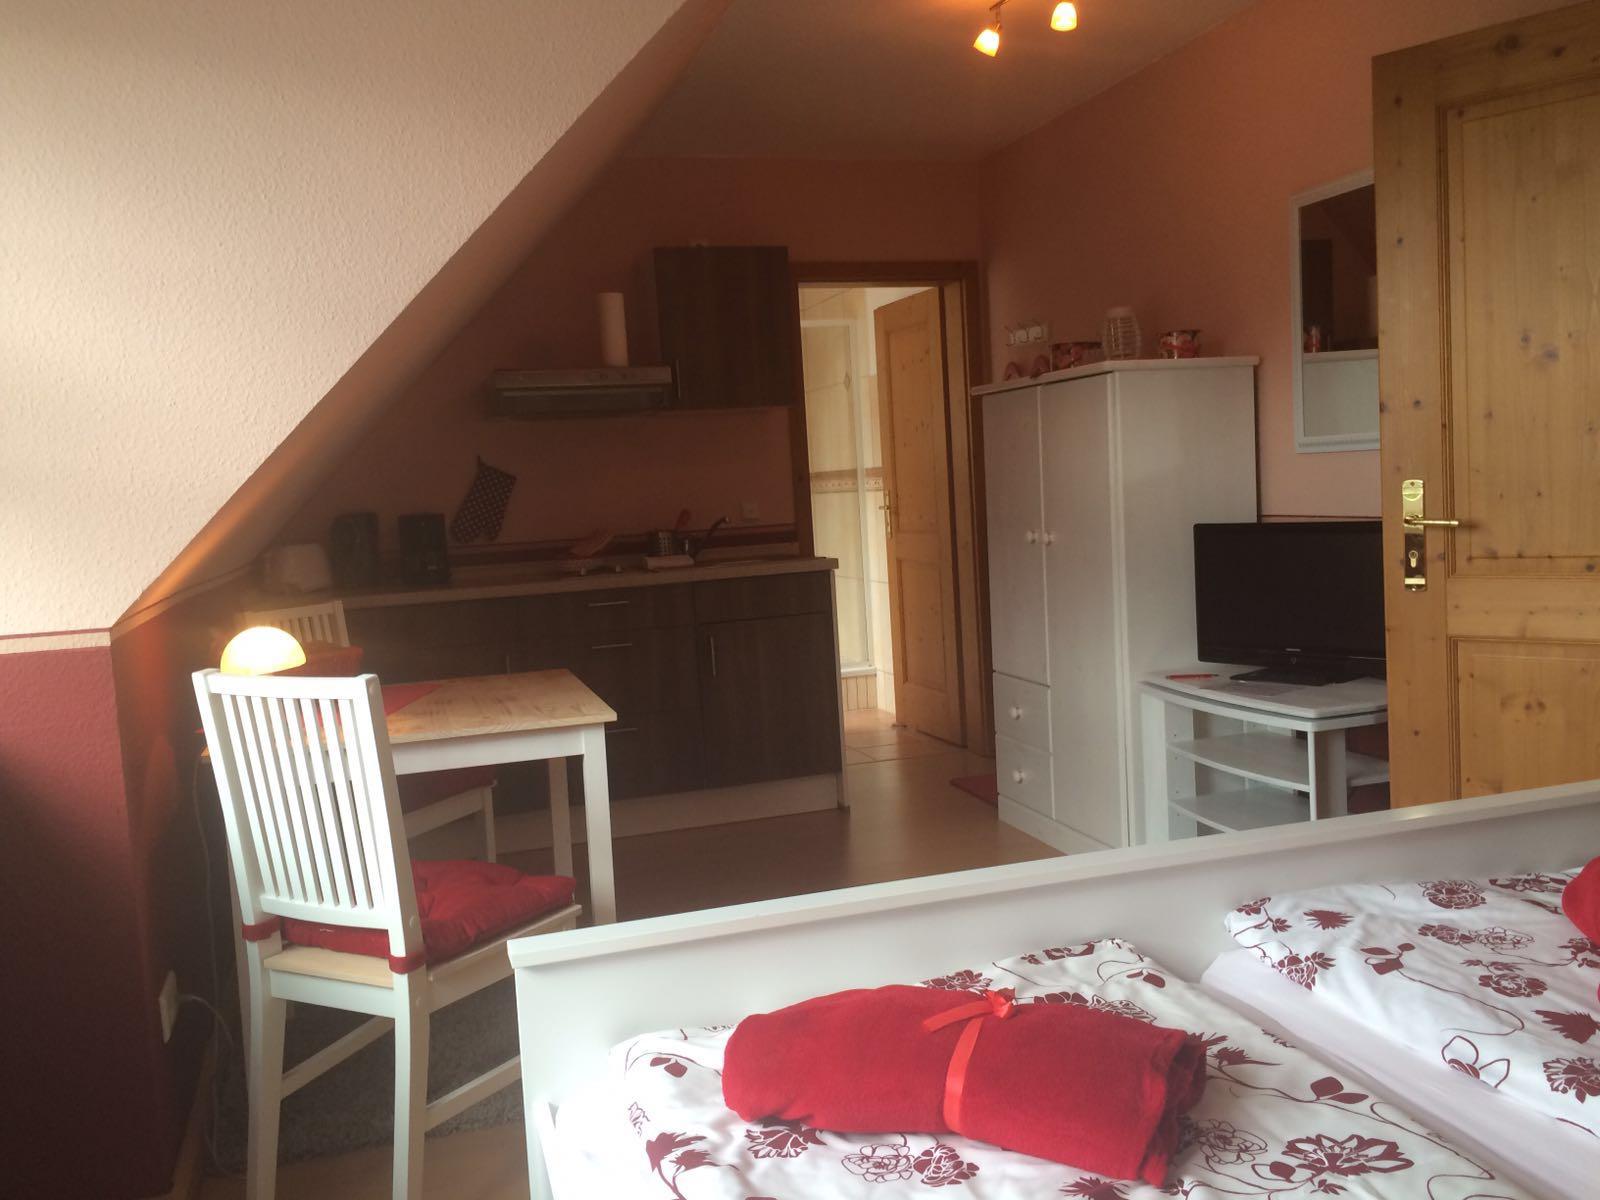 Haus Friesenglück in Kolkerheide, Nordfriesland – Ferienwohnungen und Ferienapartments – Ferienapartment 3 (rot) - Innenansicht 5